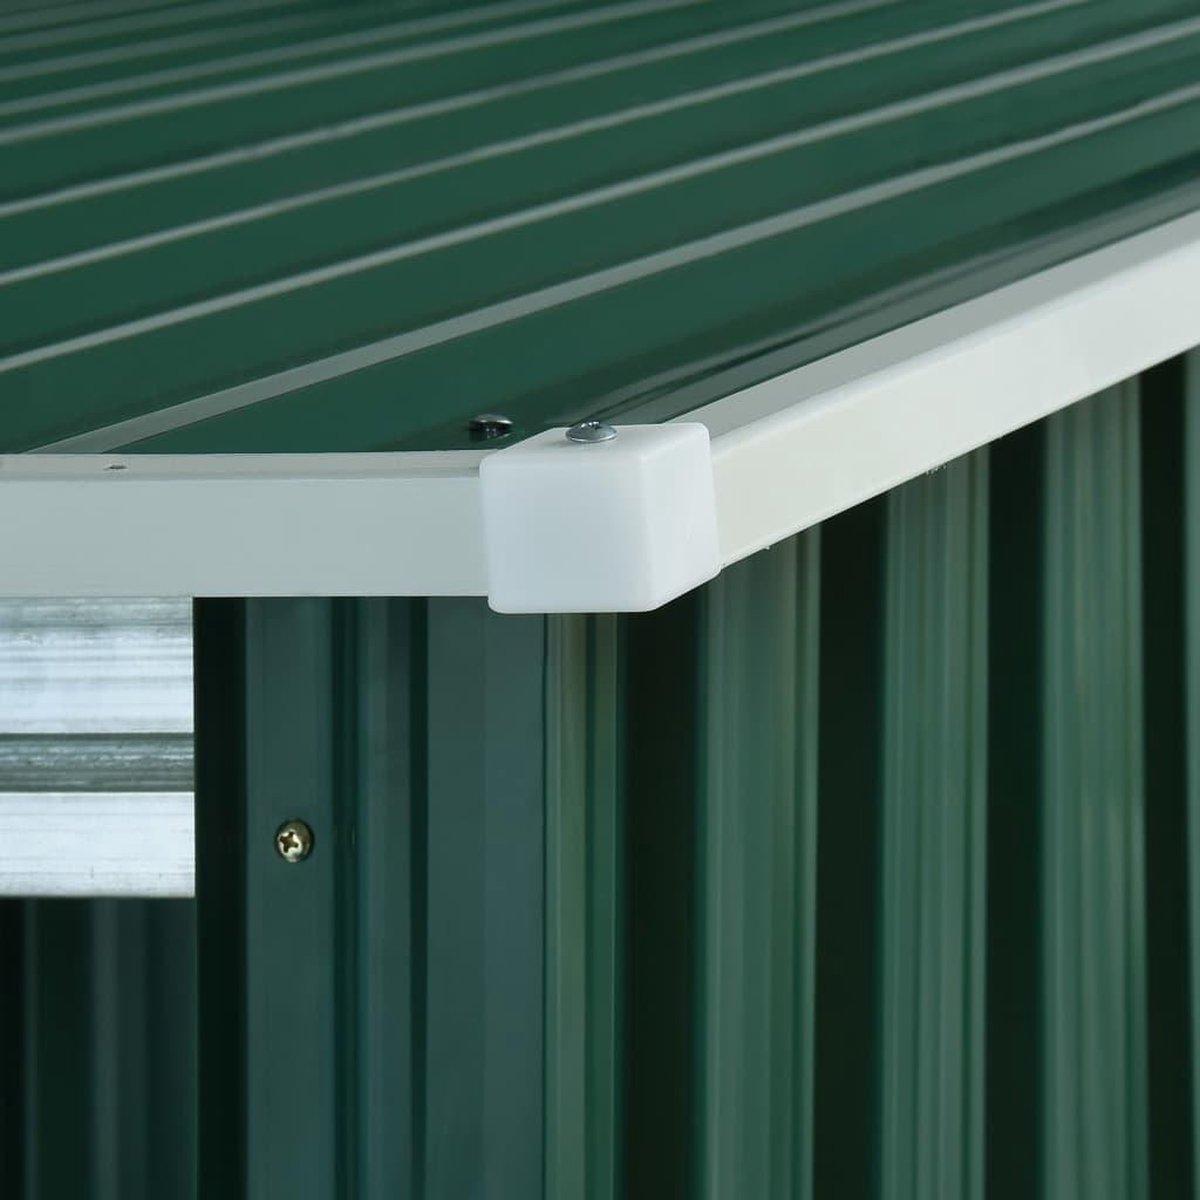 VidaXL Tuinschuur met verlengd dak 346x236x181 cm staal groen VDXL_144039 online kopen